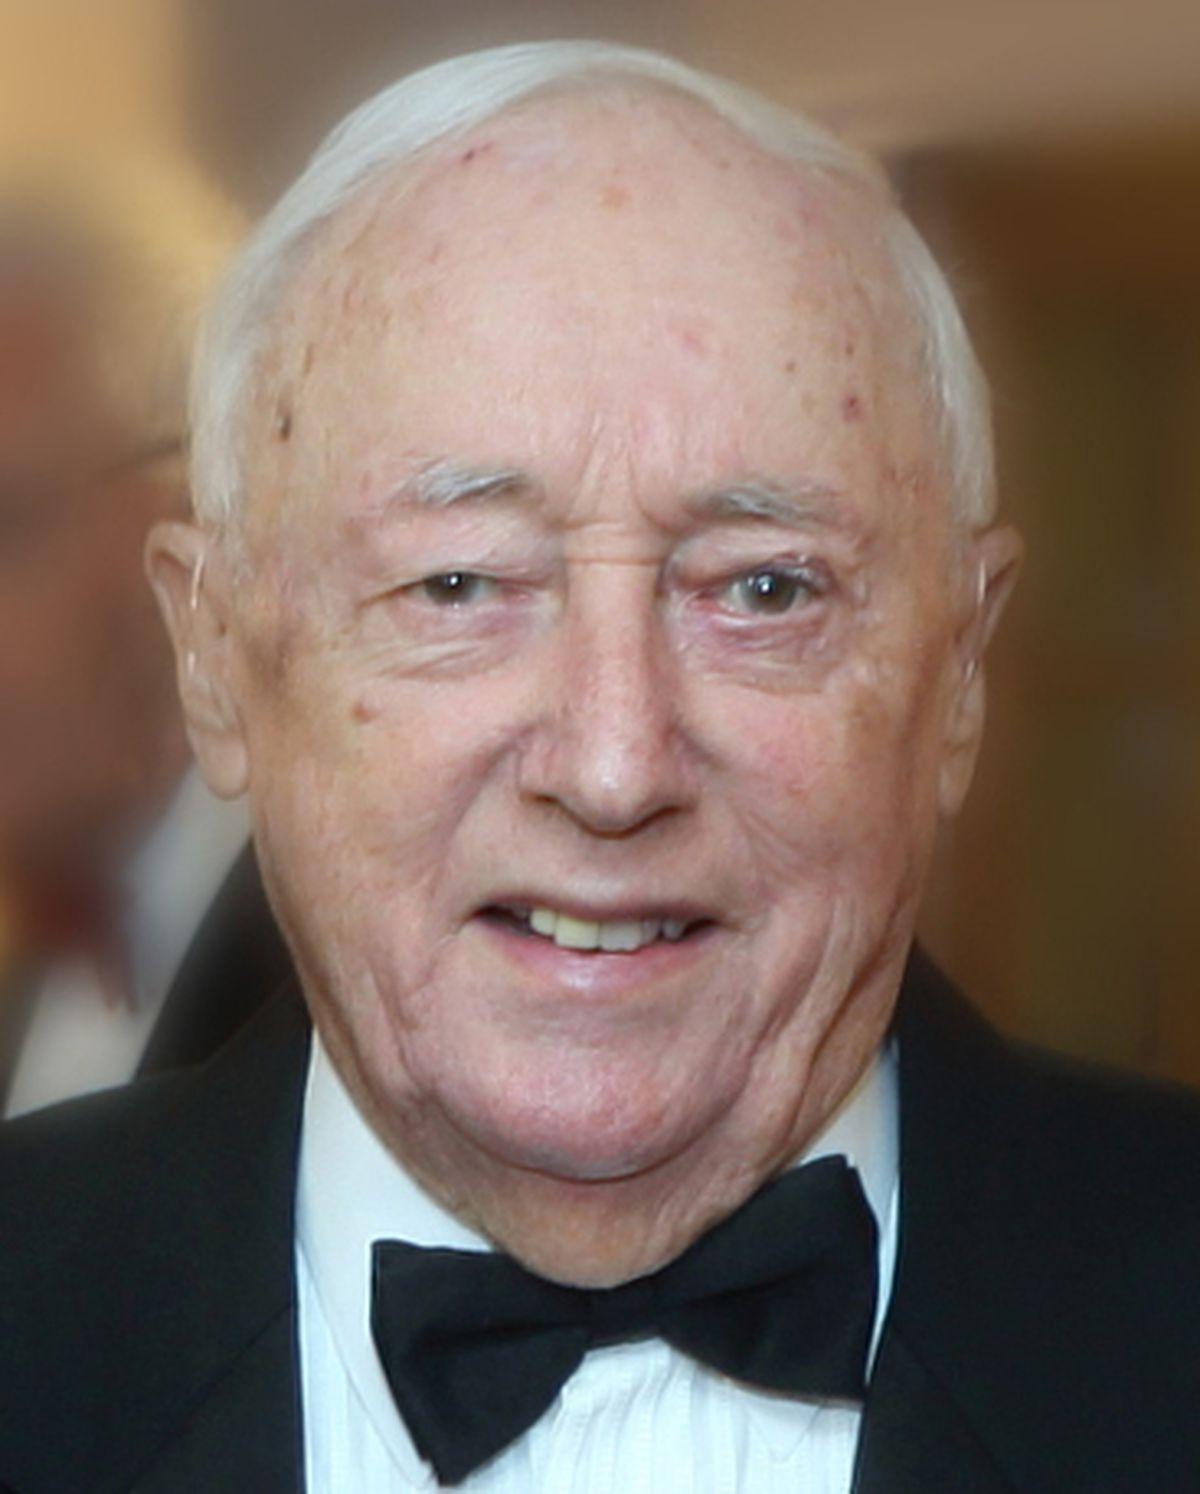 Peter Bevan